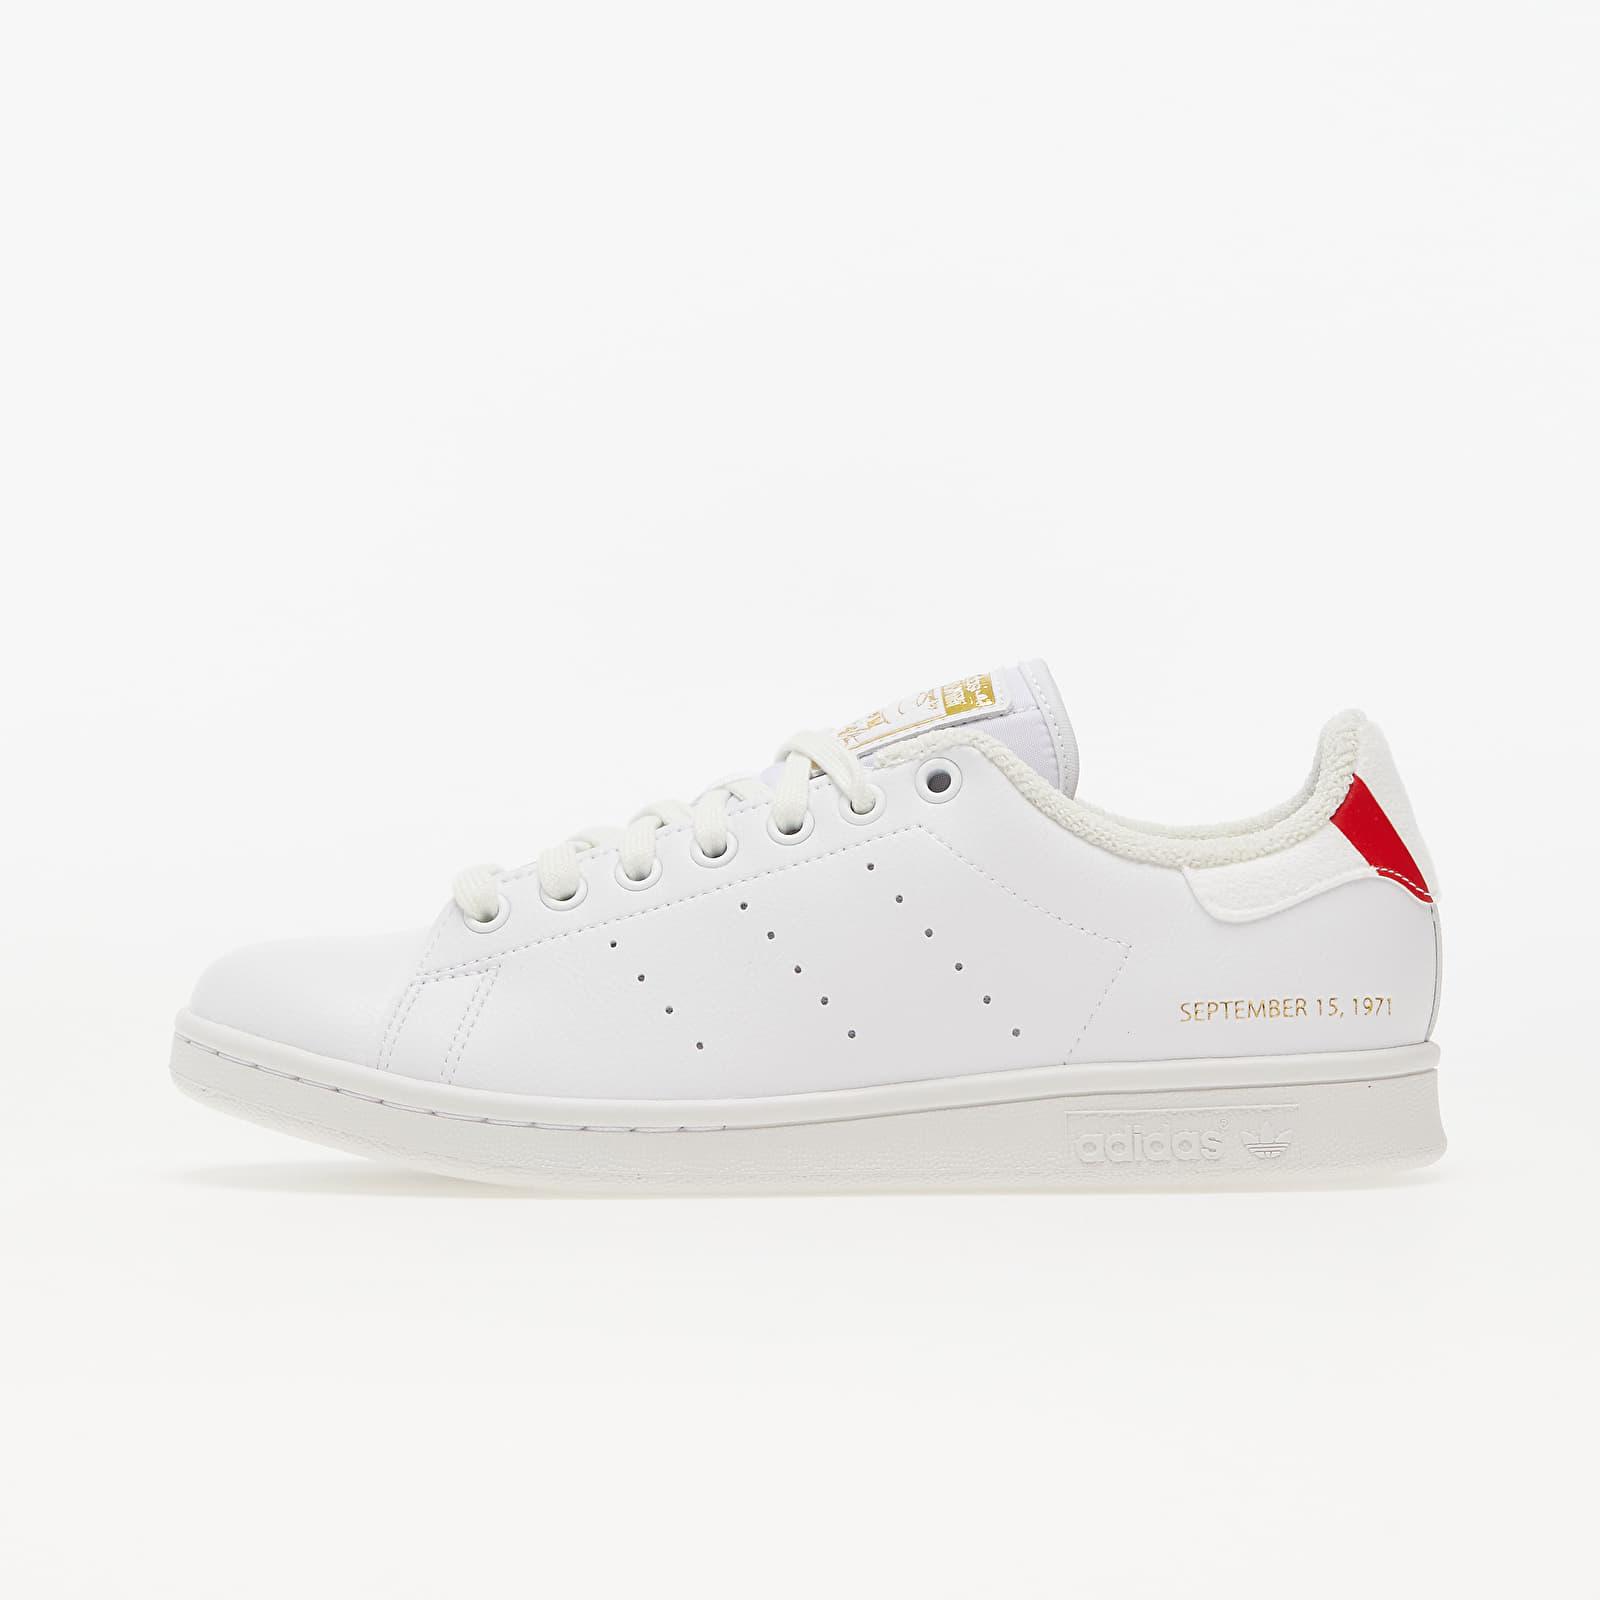 adidas Stan Smith Ftw White/ Blue/ Scarlet EUR 36